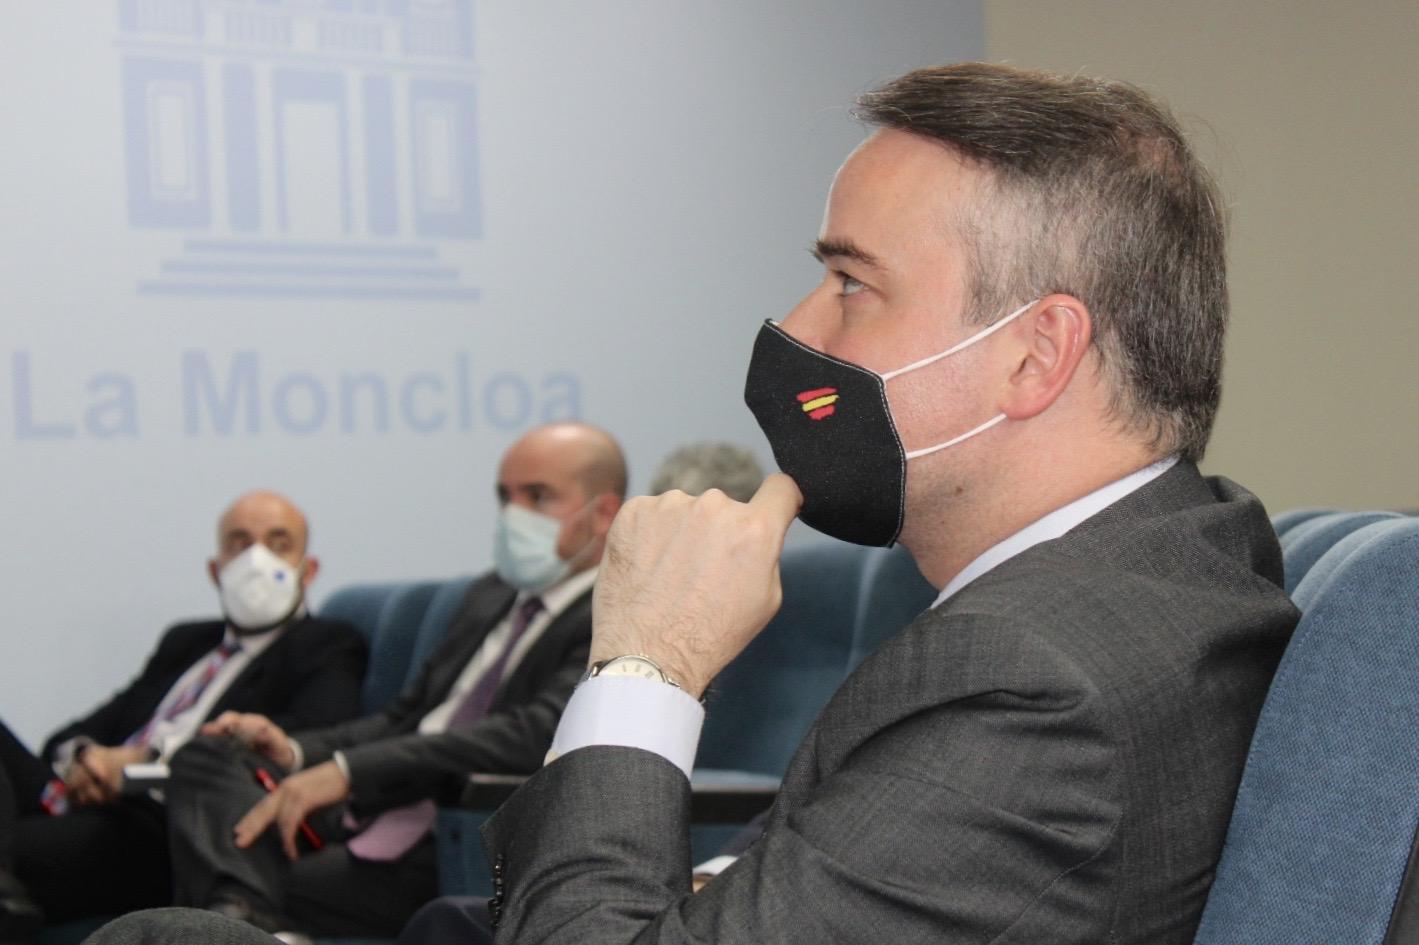 Iván Redondo, en el Palacio de La Moncloa, durante una comparecencia de Pedro Sánchez. Foto: Joan Guirado